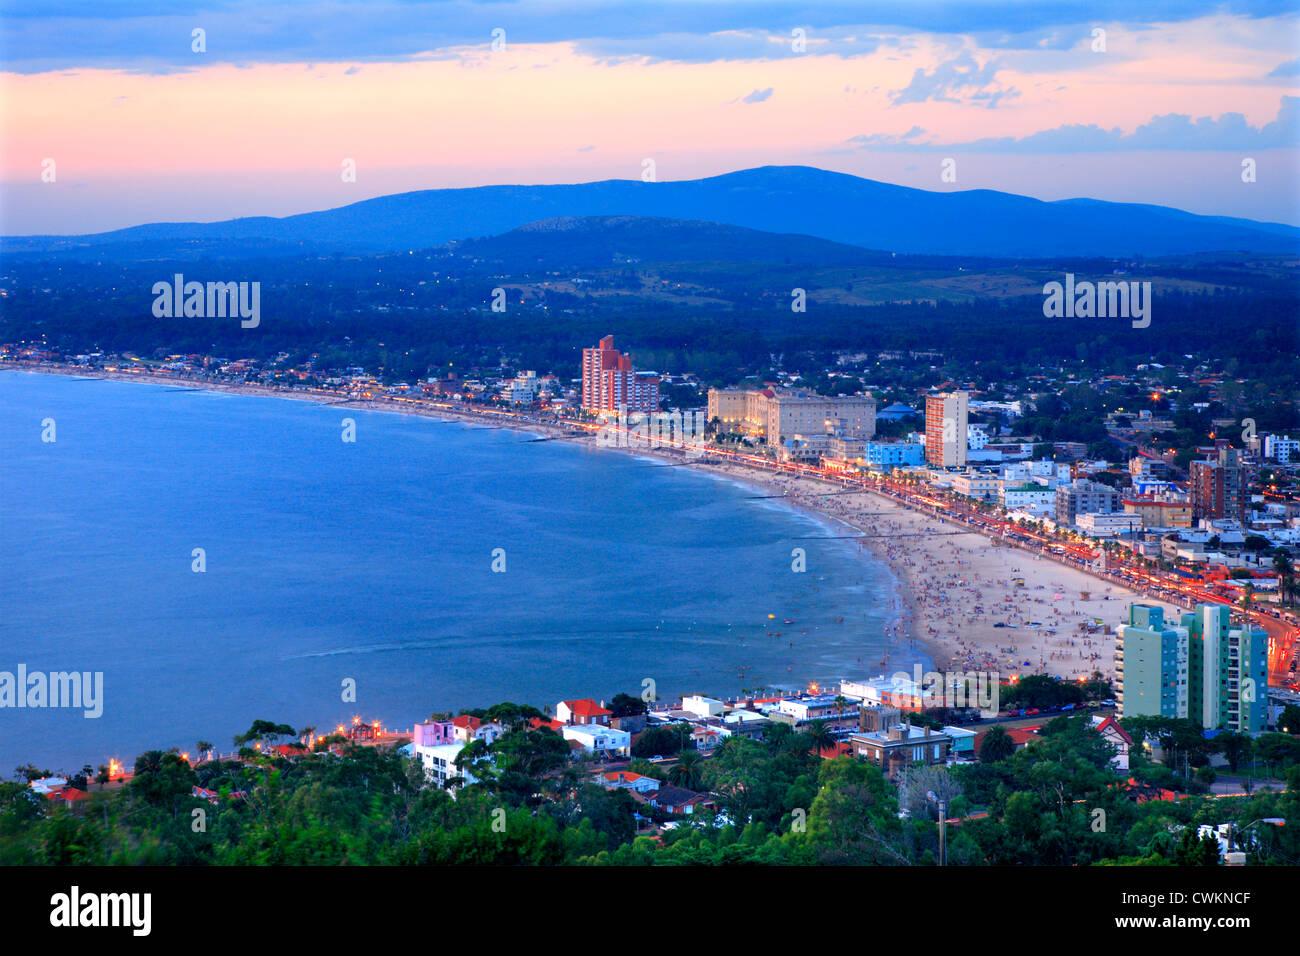 Vista aérea de la ciudad de Piriápolis y la playa. Maldonado, Uruguay Sudamérica Imagen De Stock